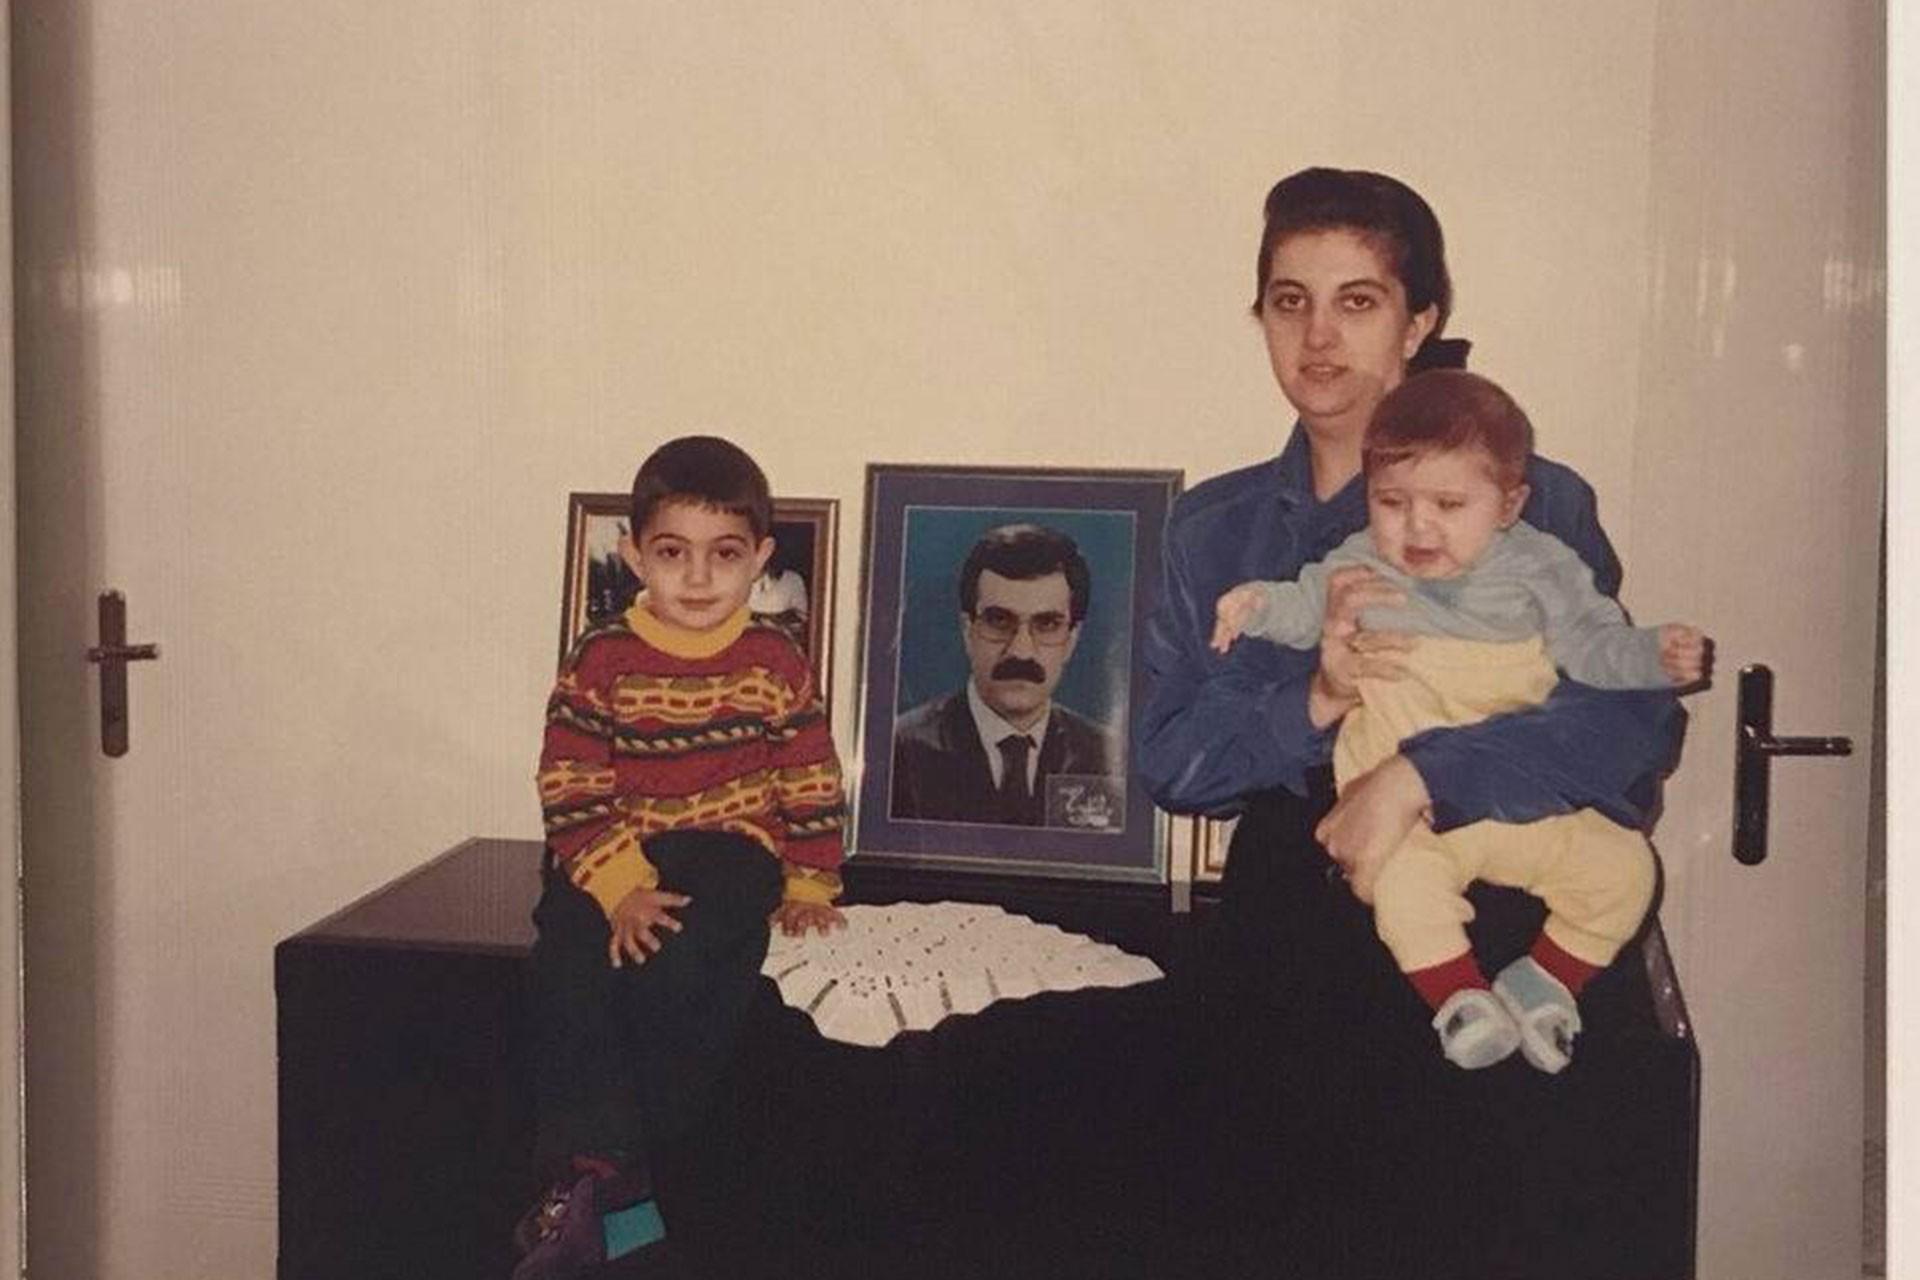 Savaş Buldan'ın öldürüldüğü gün doğan kızı: Birlikte hayal kuralım istedim